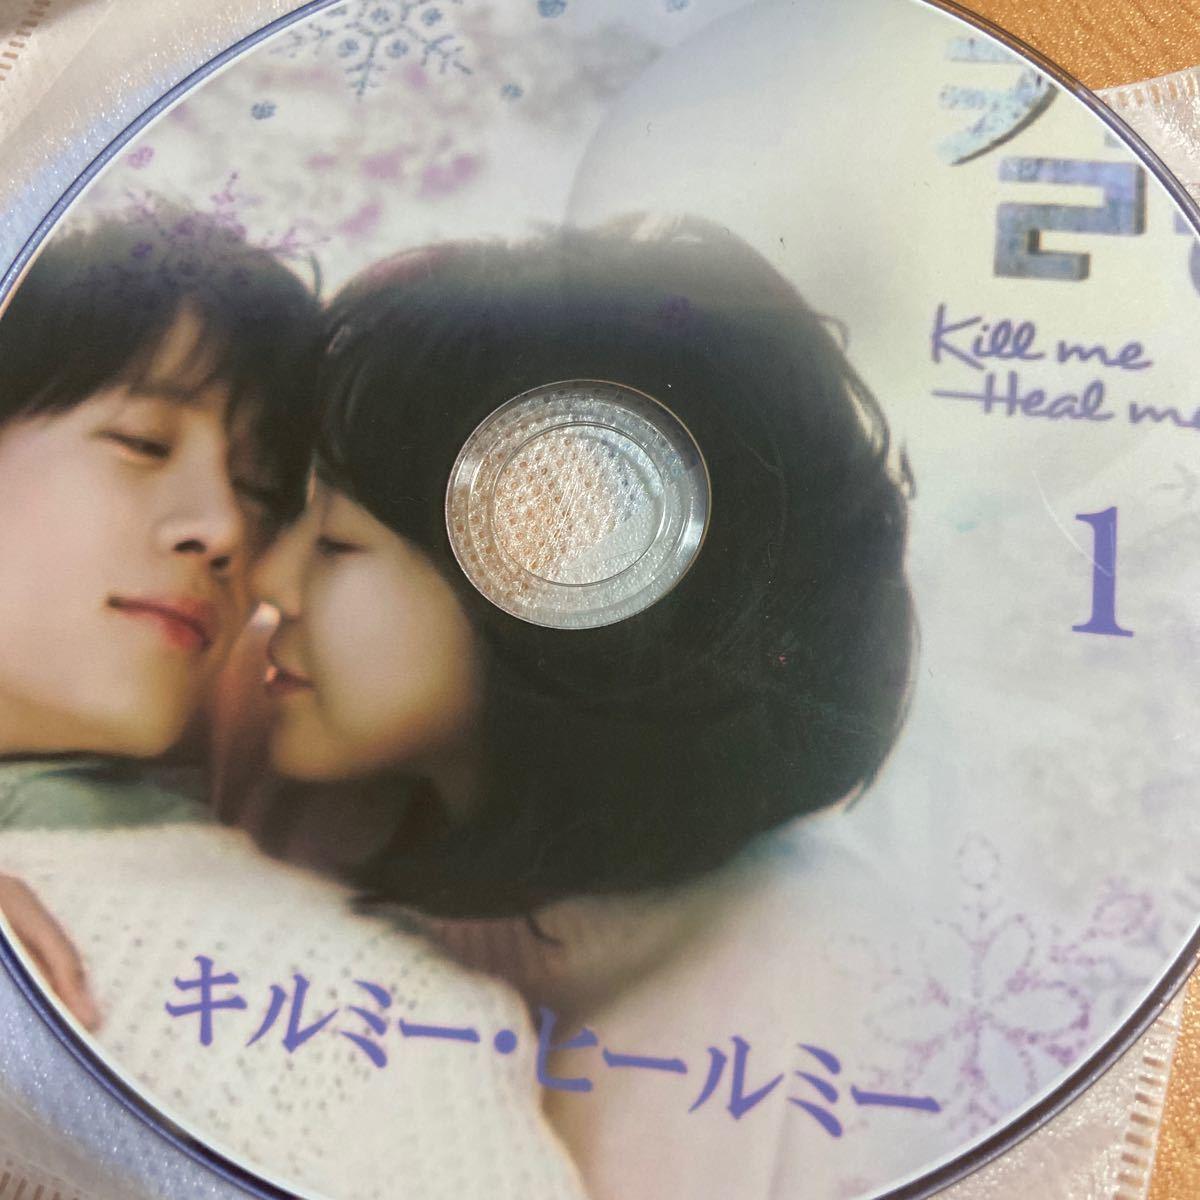 韓国ドラマ DVDキルミーヒルミー